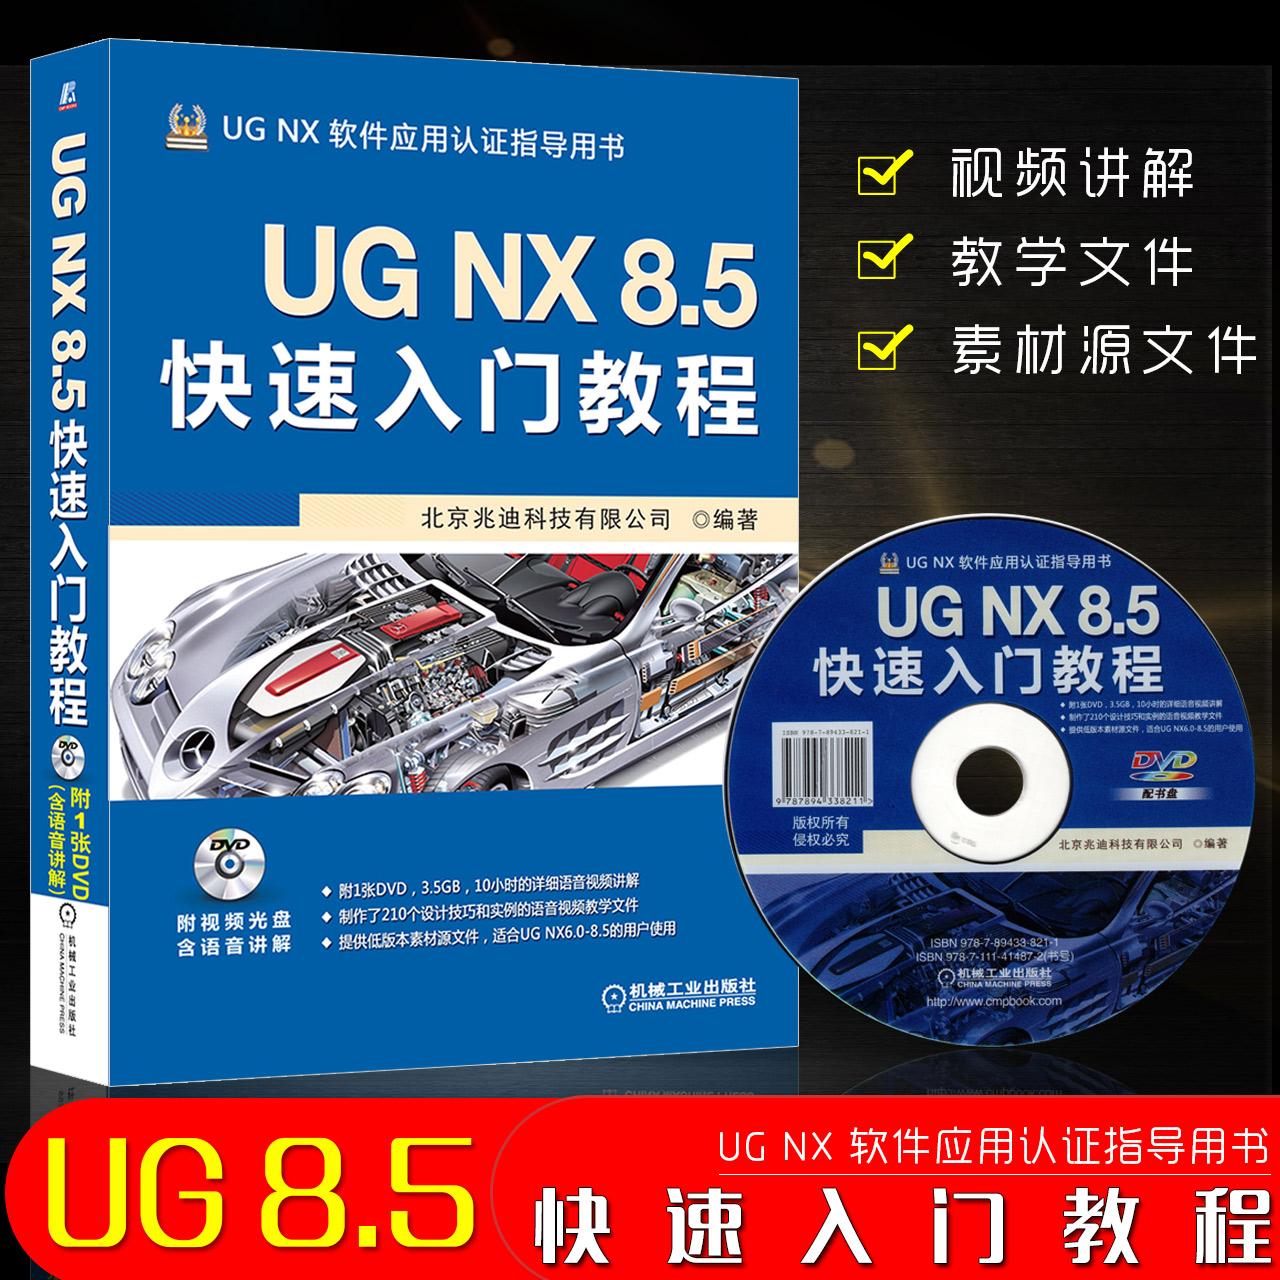 正版 附光盘视频 UG NX 8.5 快速入门教程 ug曲面教程教材 编程视频教程 ug8.5制图书 nx数控编程 ug软件教程书籍